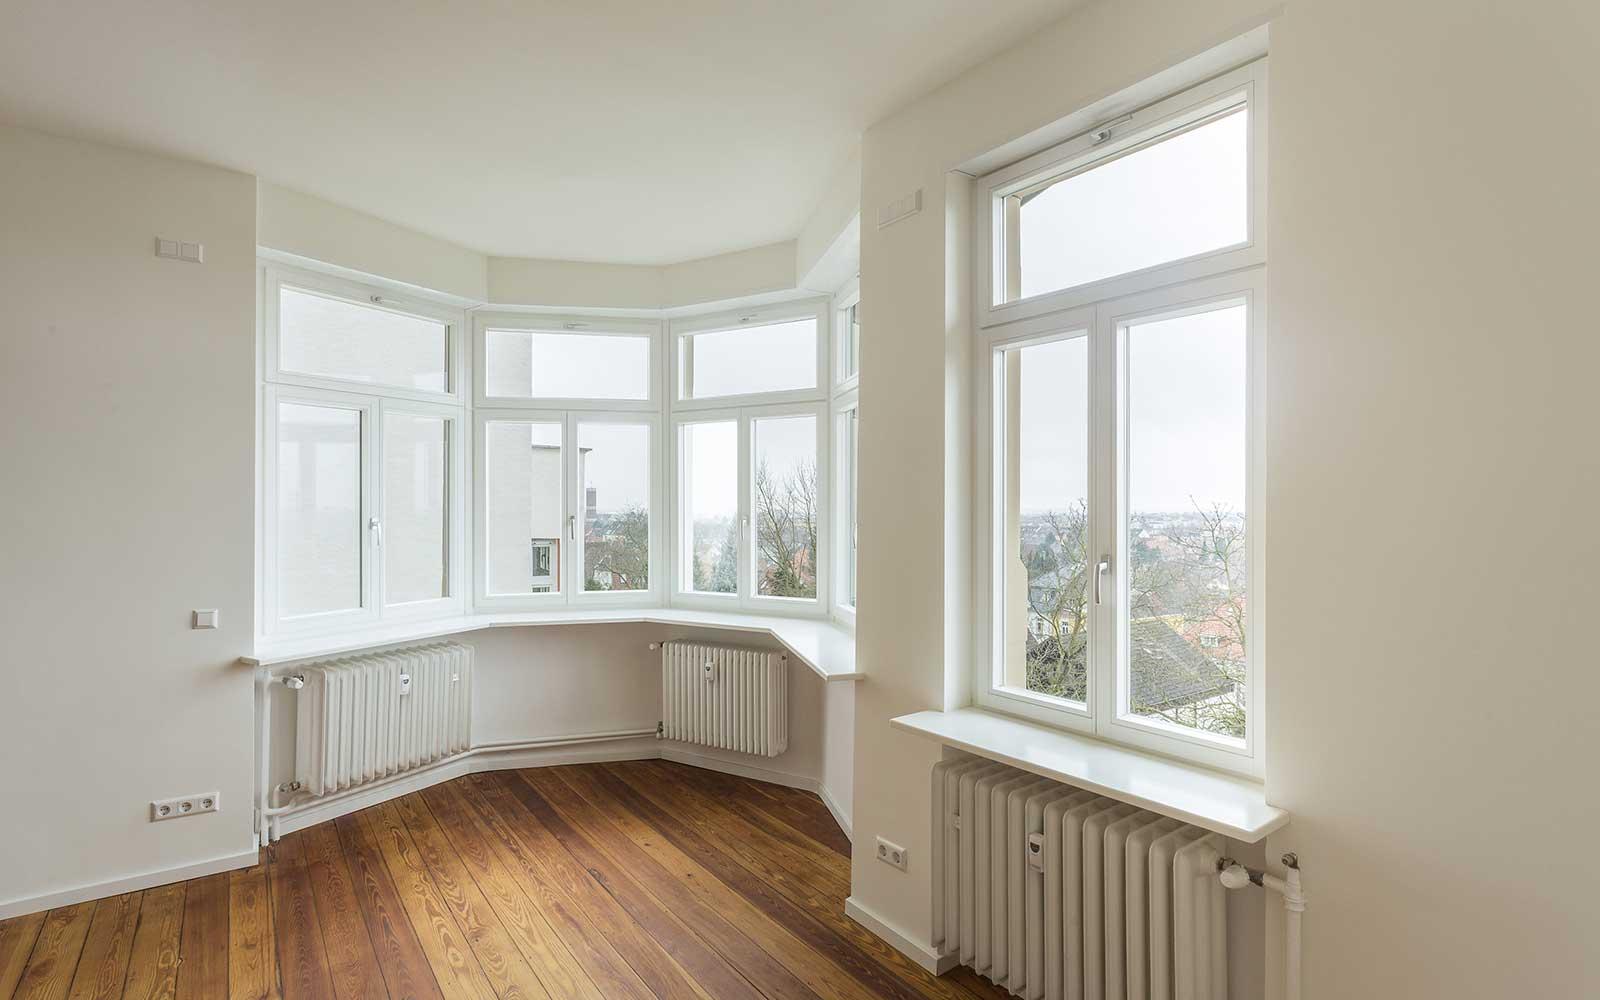 Villa Hilda Weststadt Heidelberg, Architekturbüro: Kochhan und Weckbach